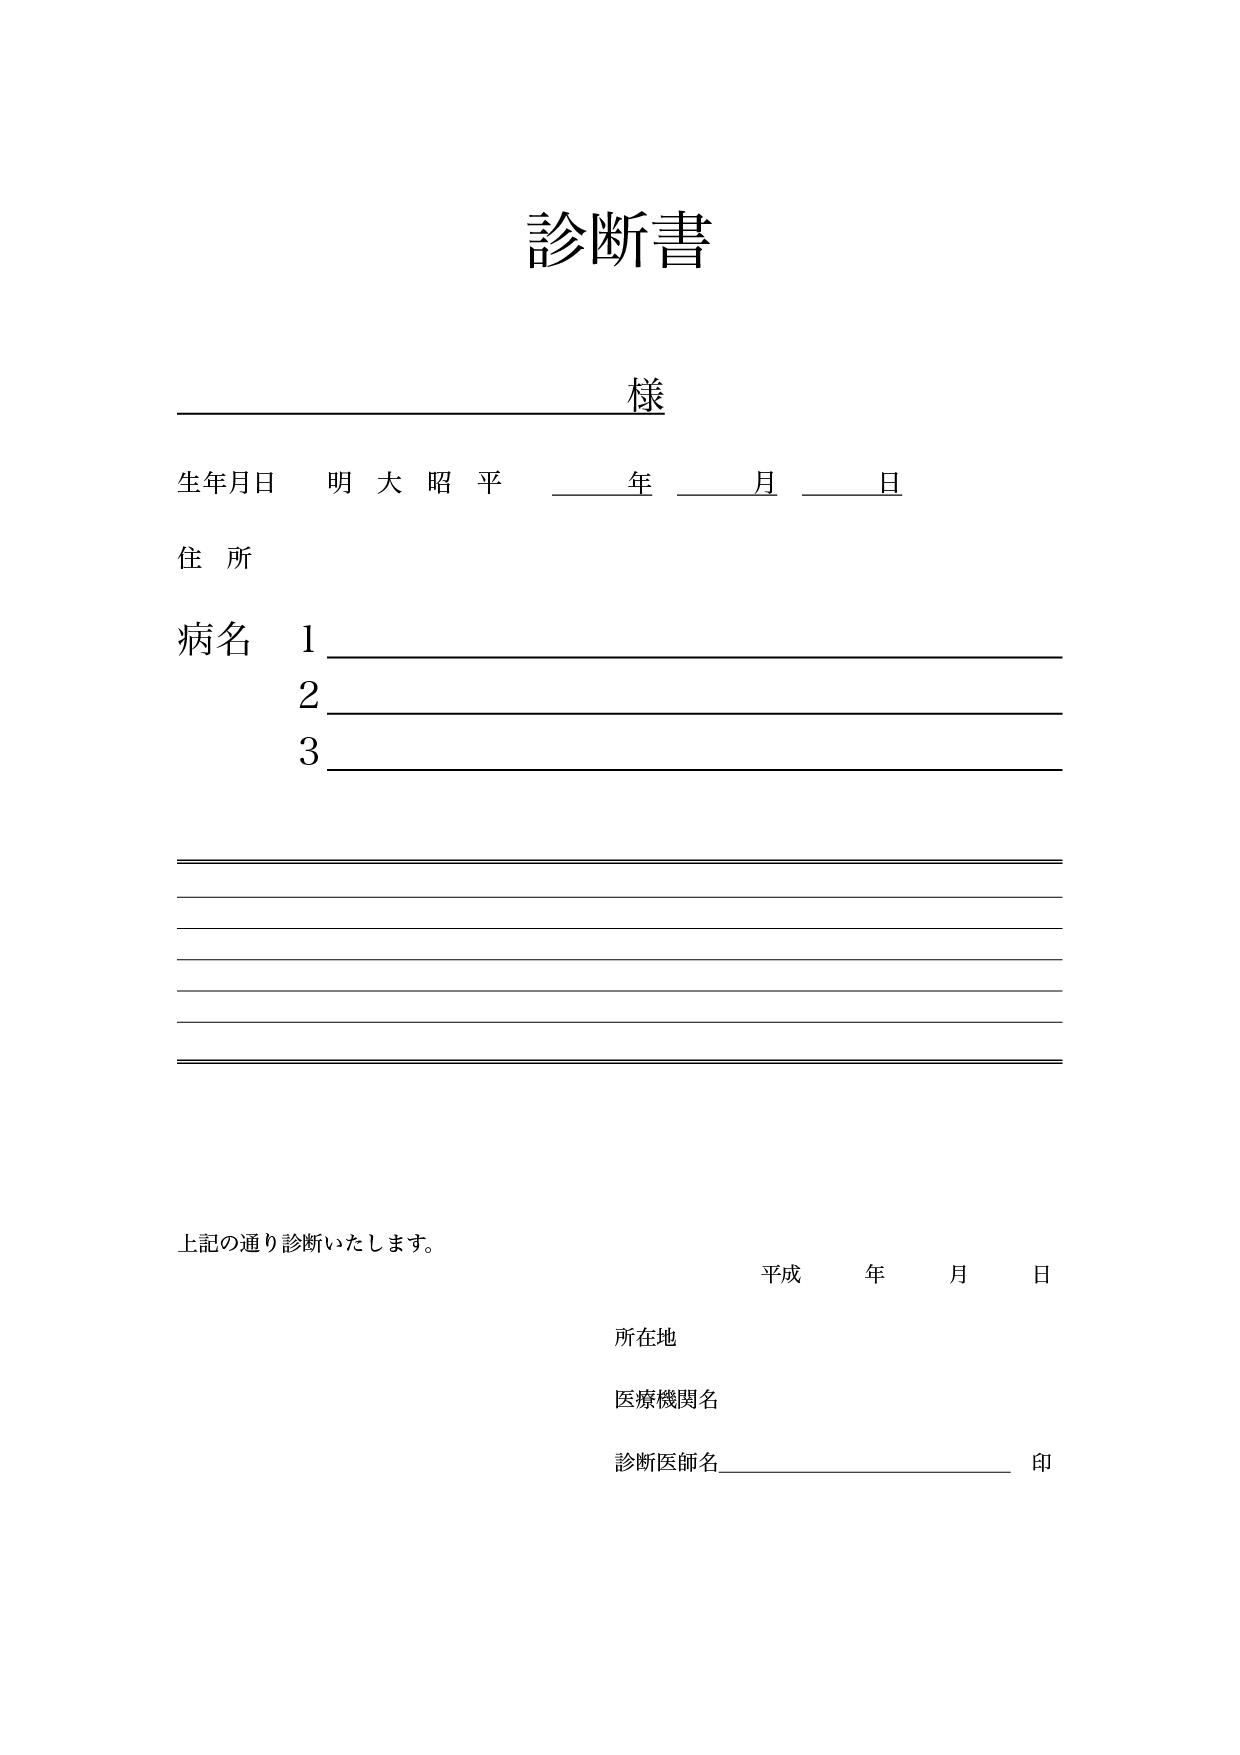 診断書テンプレート_病名複数記入可能(ワード・ページズ)